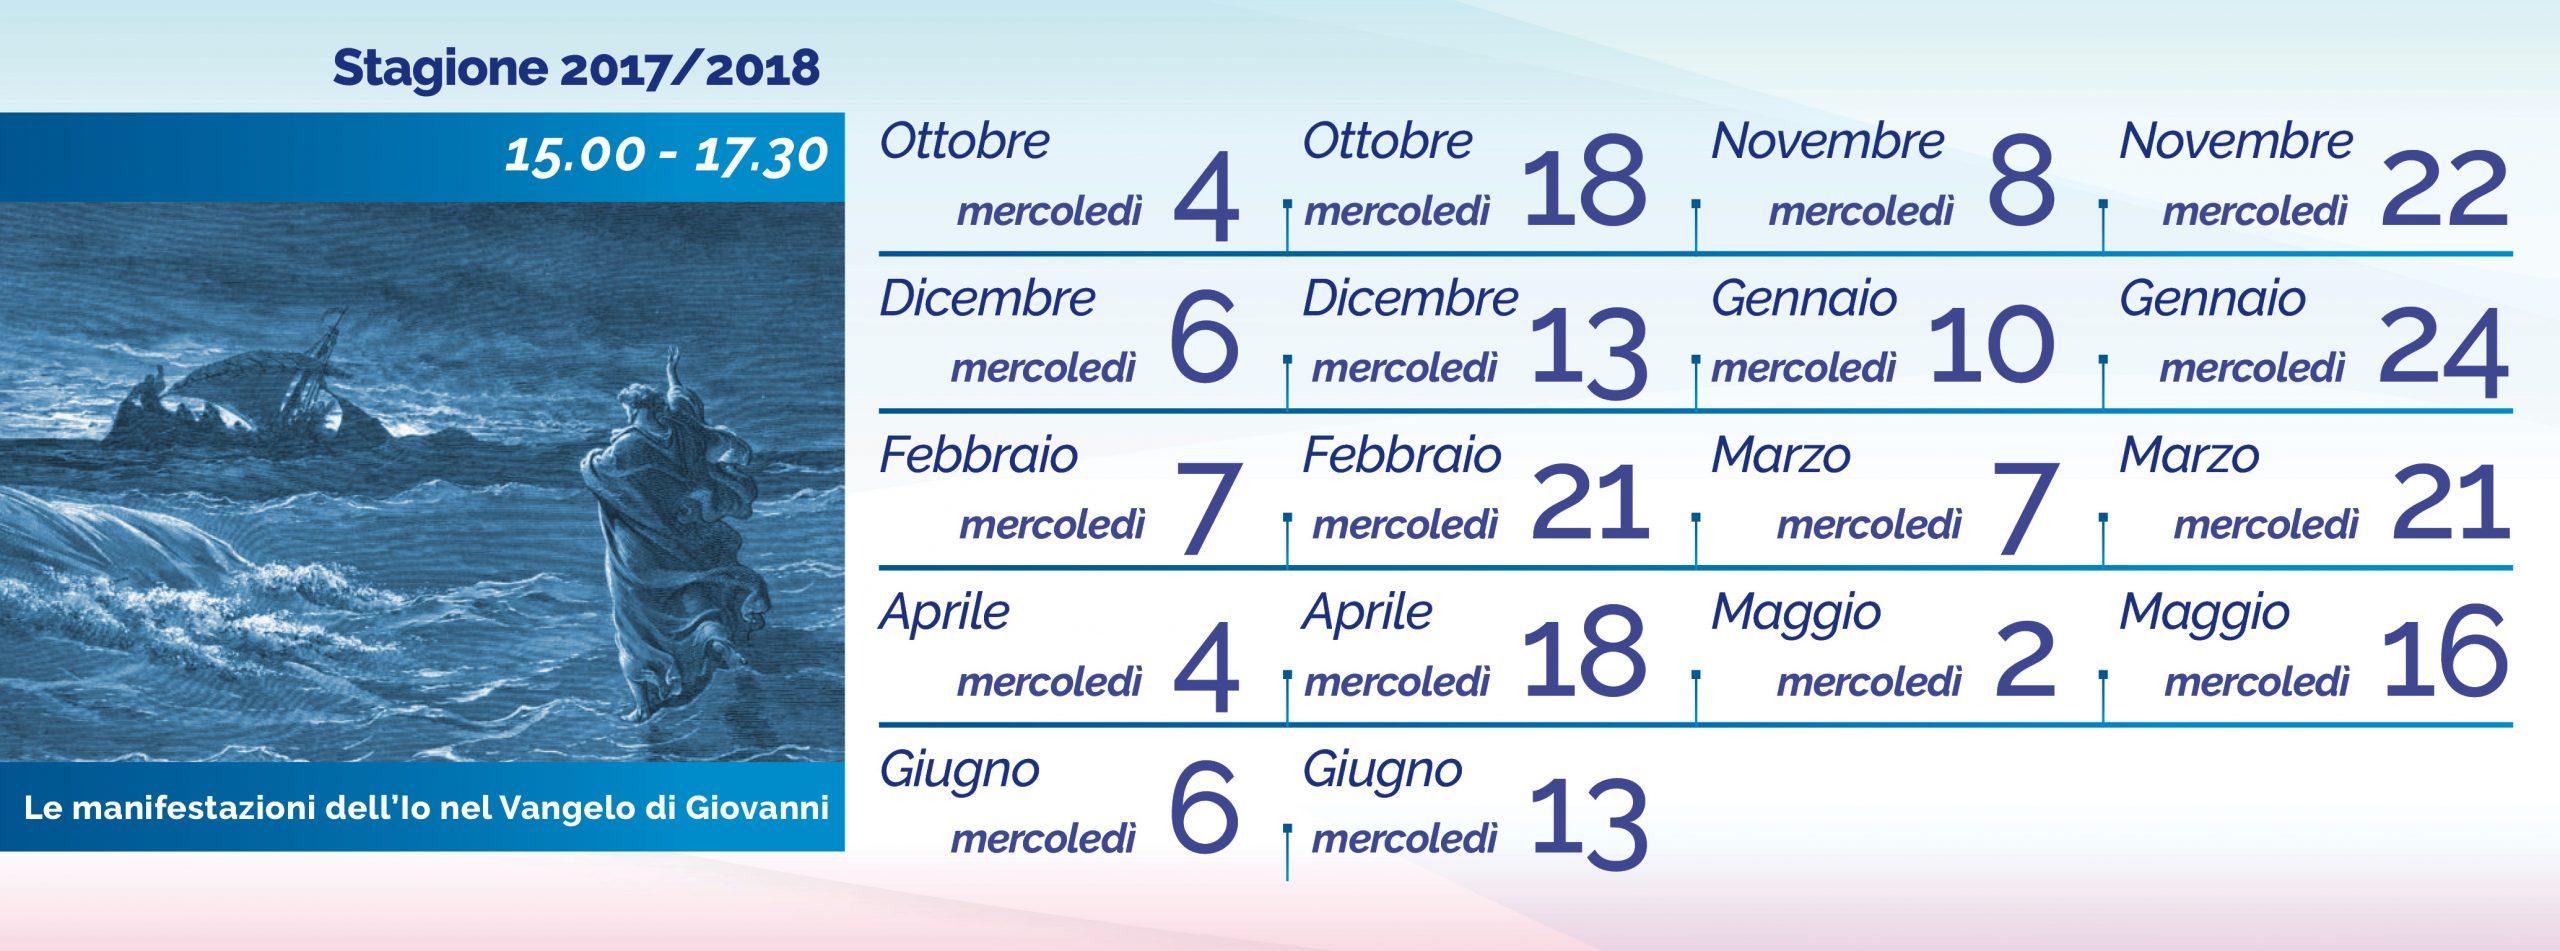 elena-ferrario_Vangelo di Giovanni calendario 2017-2018